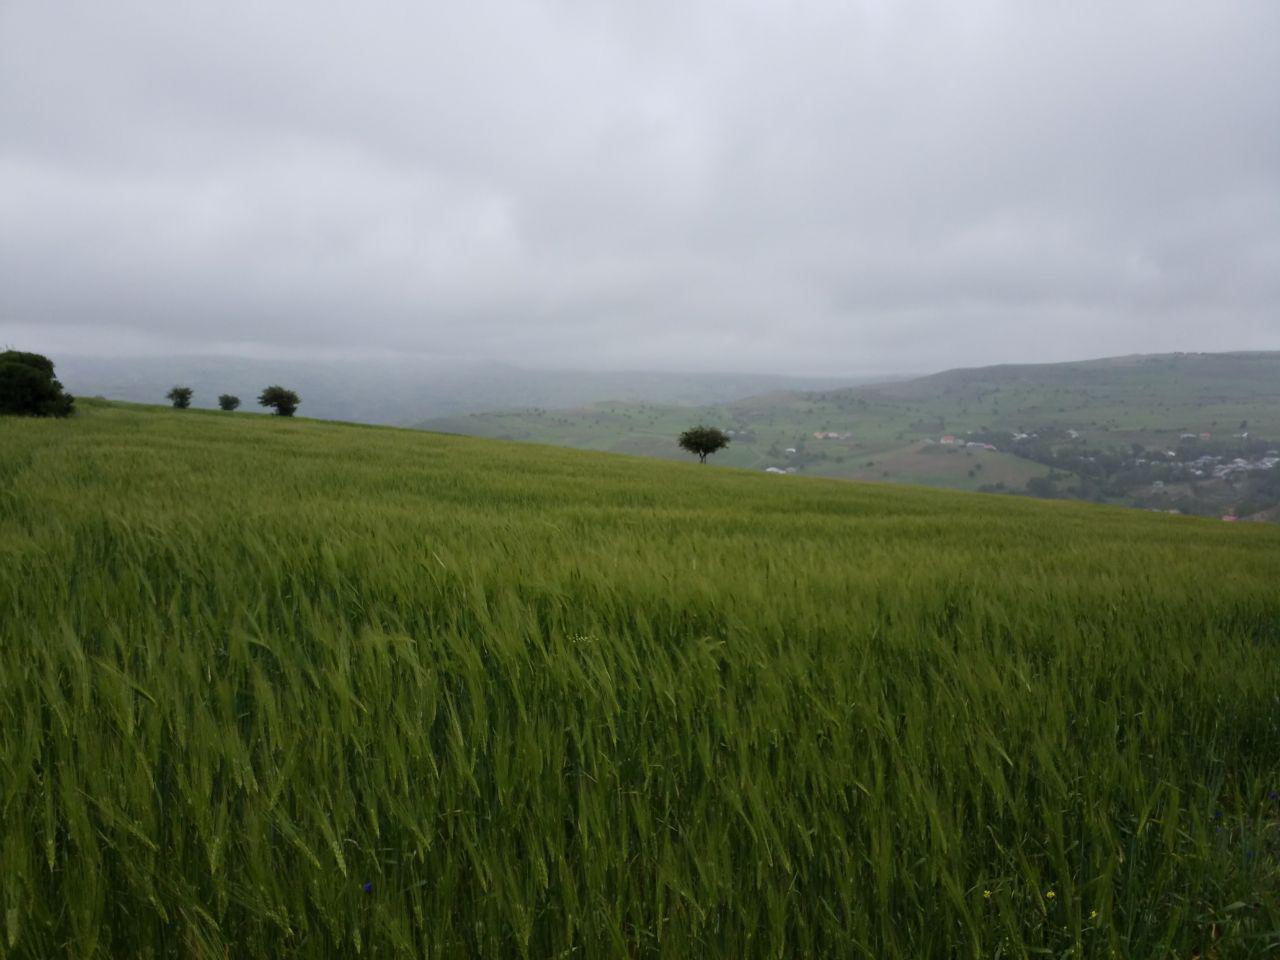 فروش یک قطعه زمین 47000 مترمربع کشاورزی  دیلمان